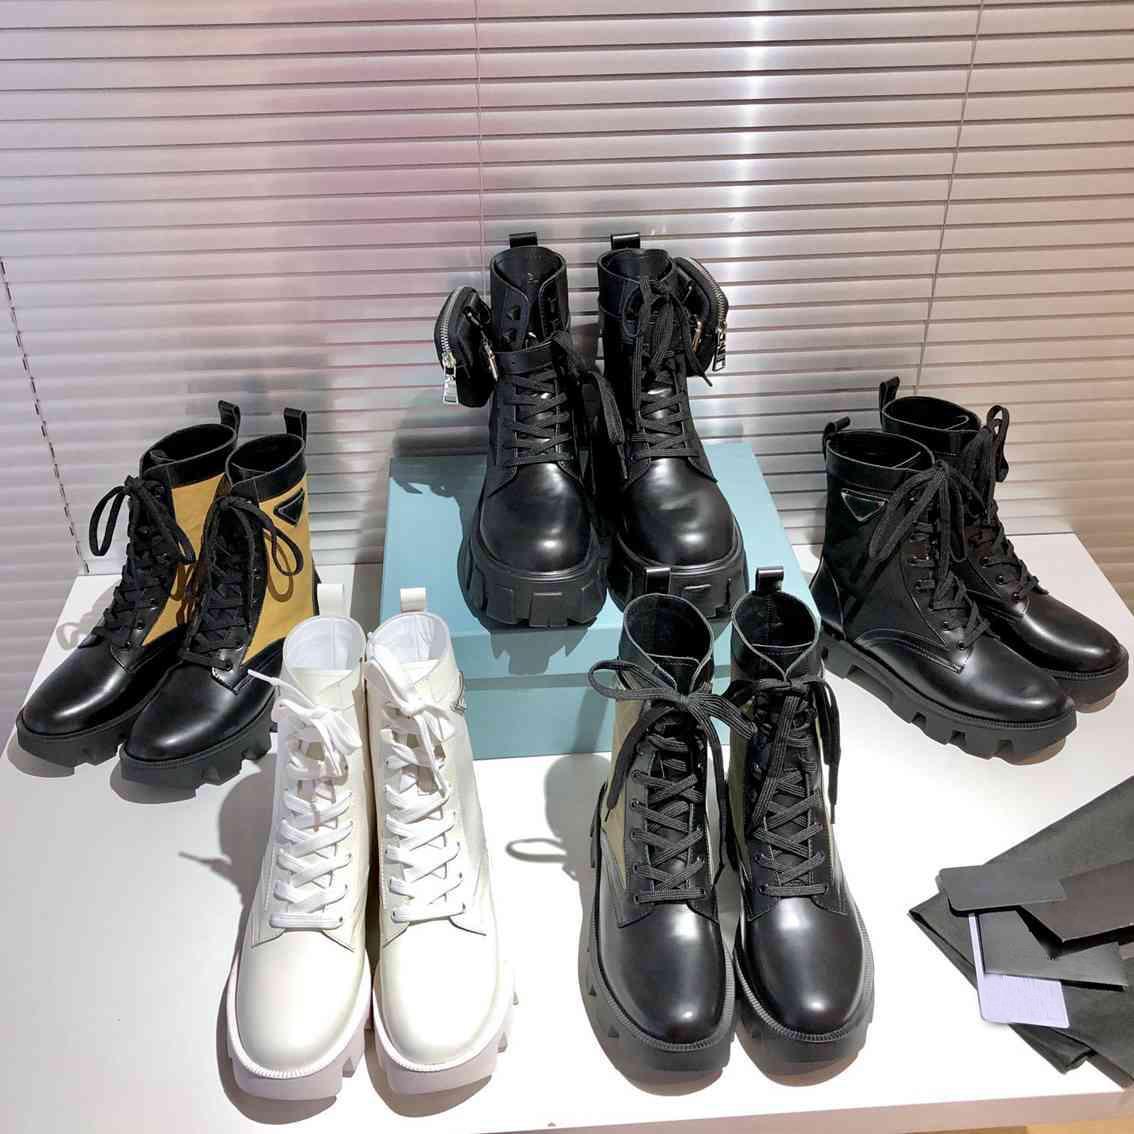 Новые универсальные весенние женщины Martin Boots легкое заштурное покрытие Низкий каблук короткие сапоги натуральные кожаные женские ботинки